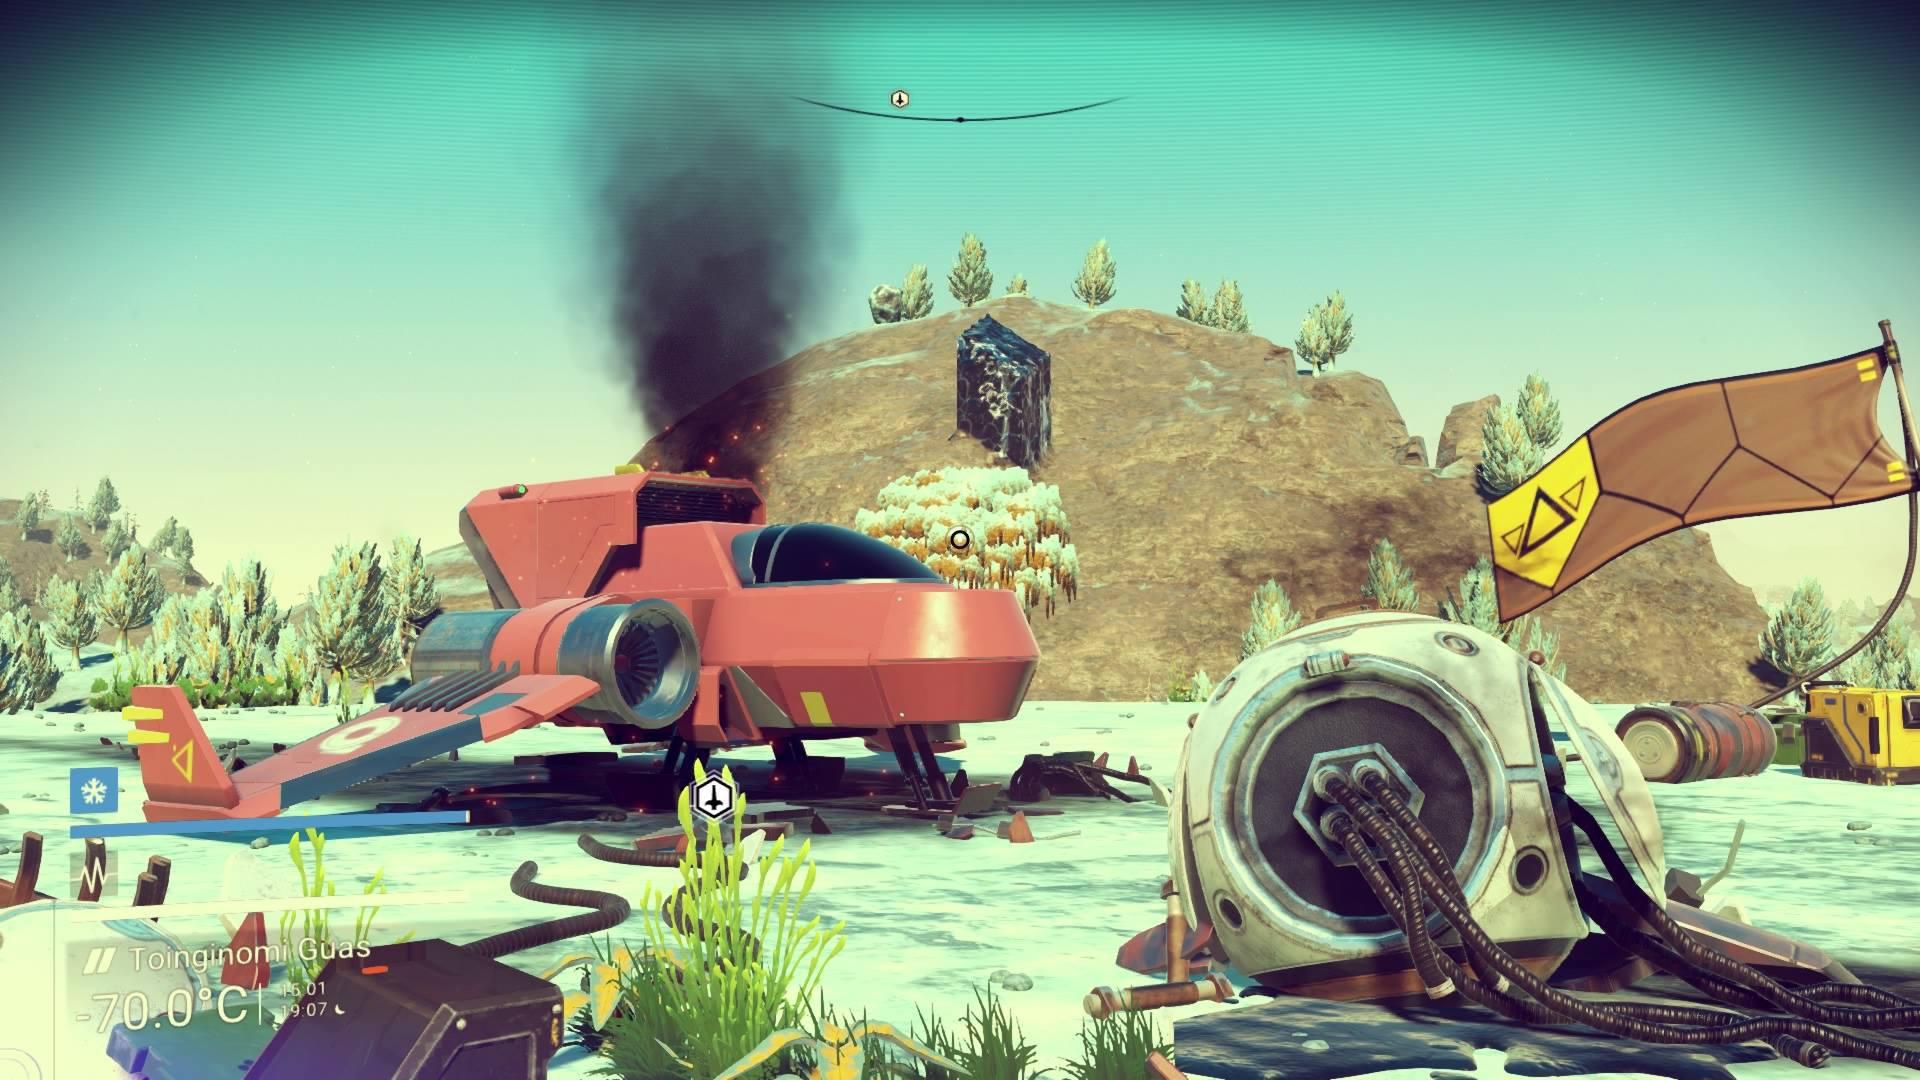 Разработчики игры No Man's Sky хотят «реабилитироваться» новым дополнением